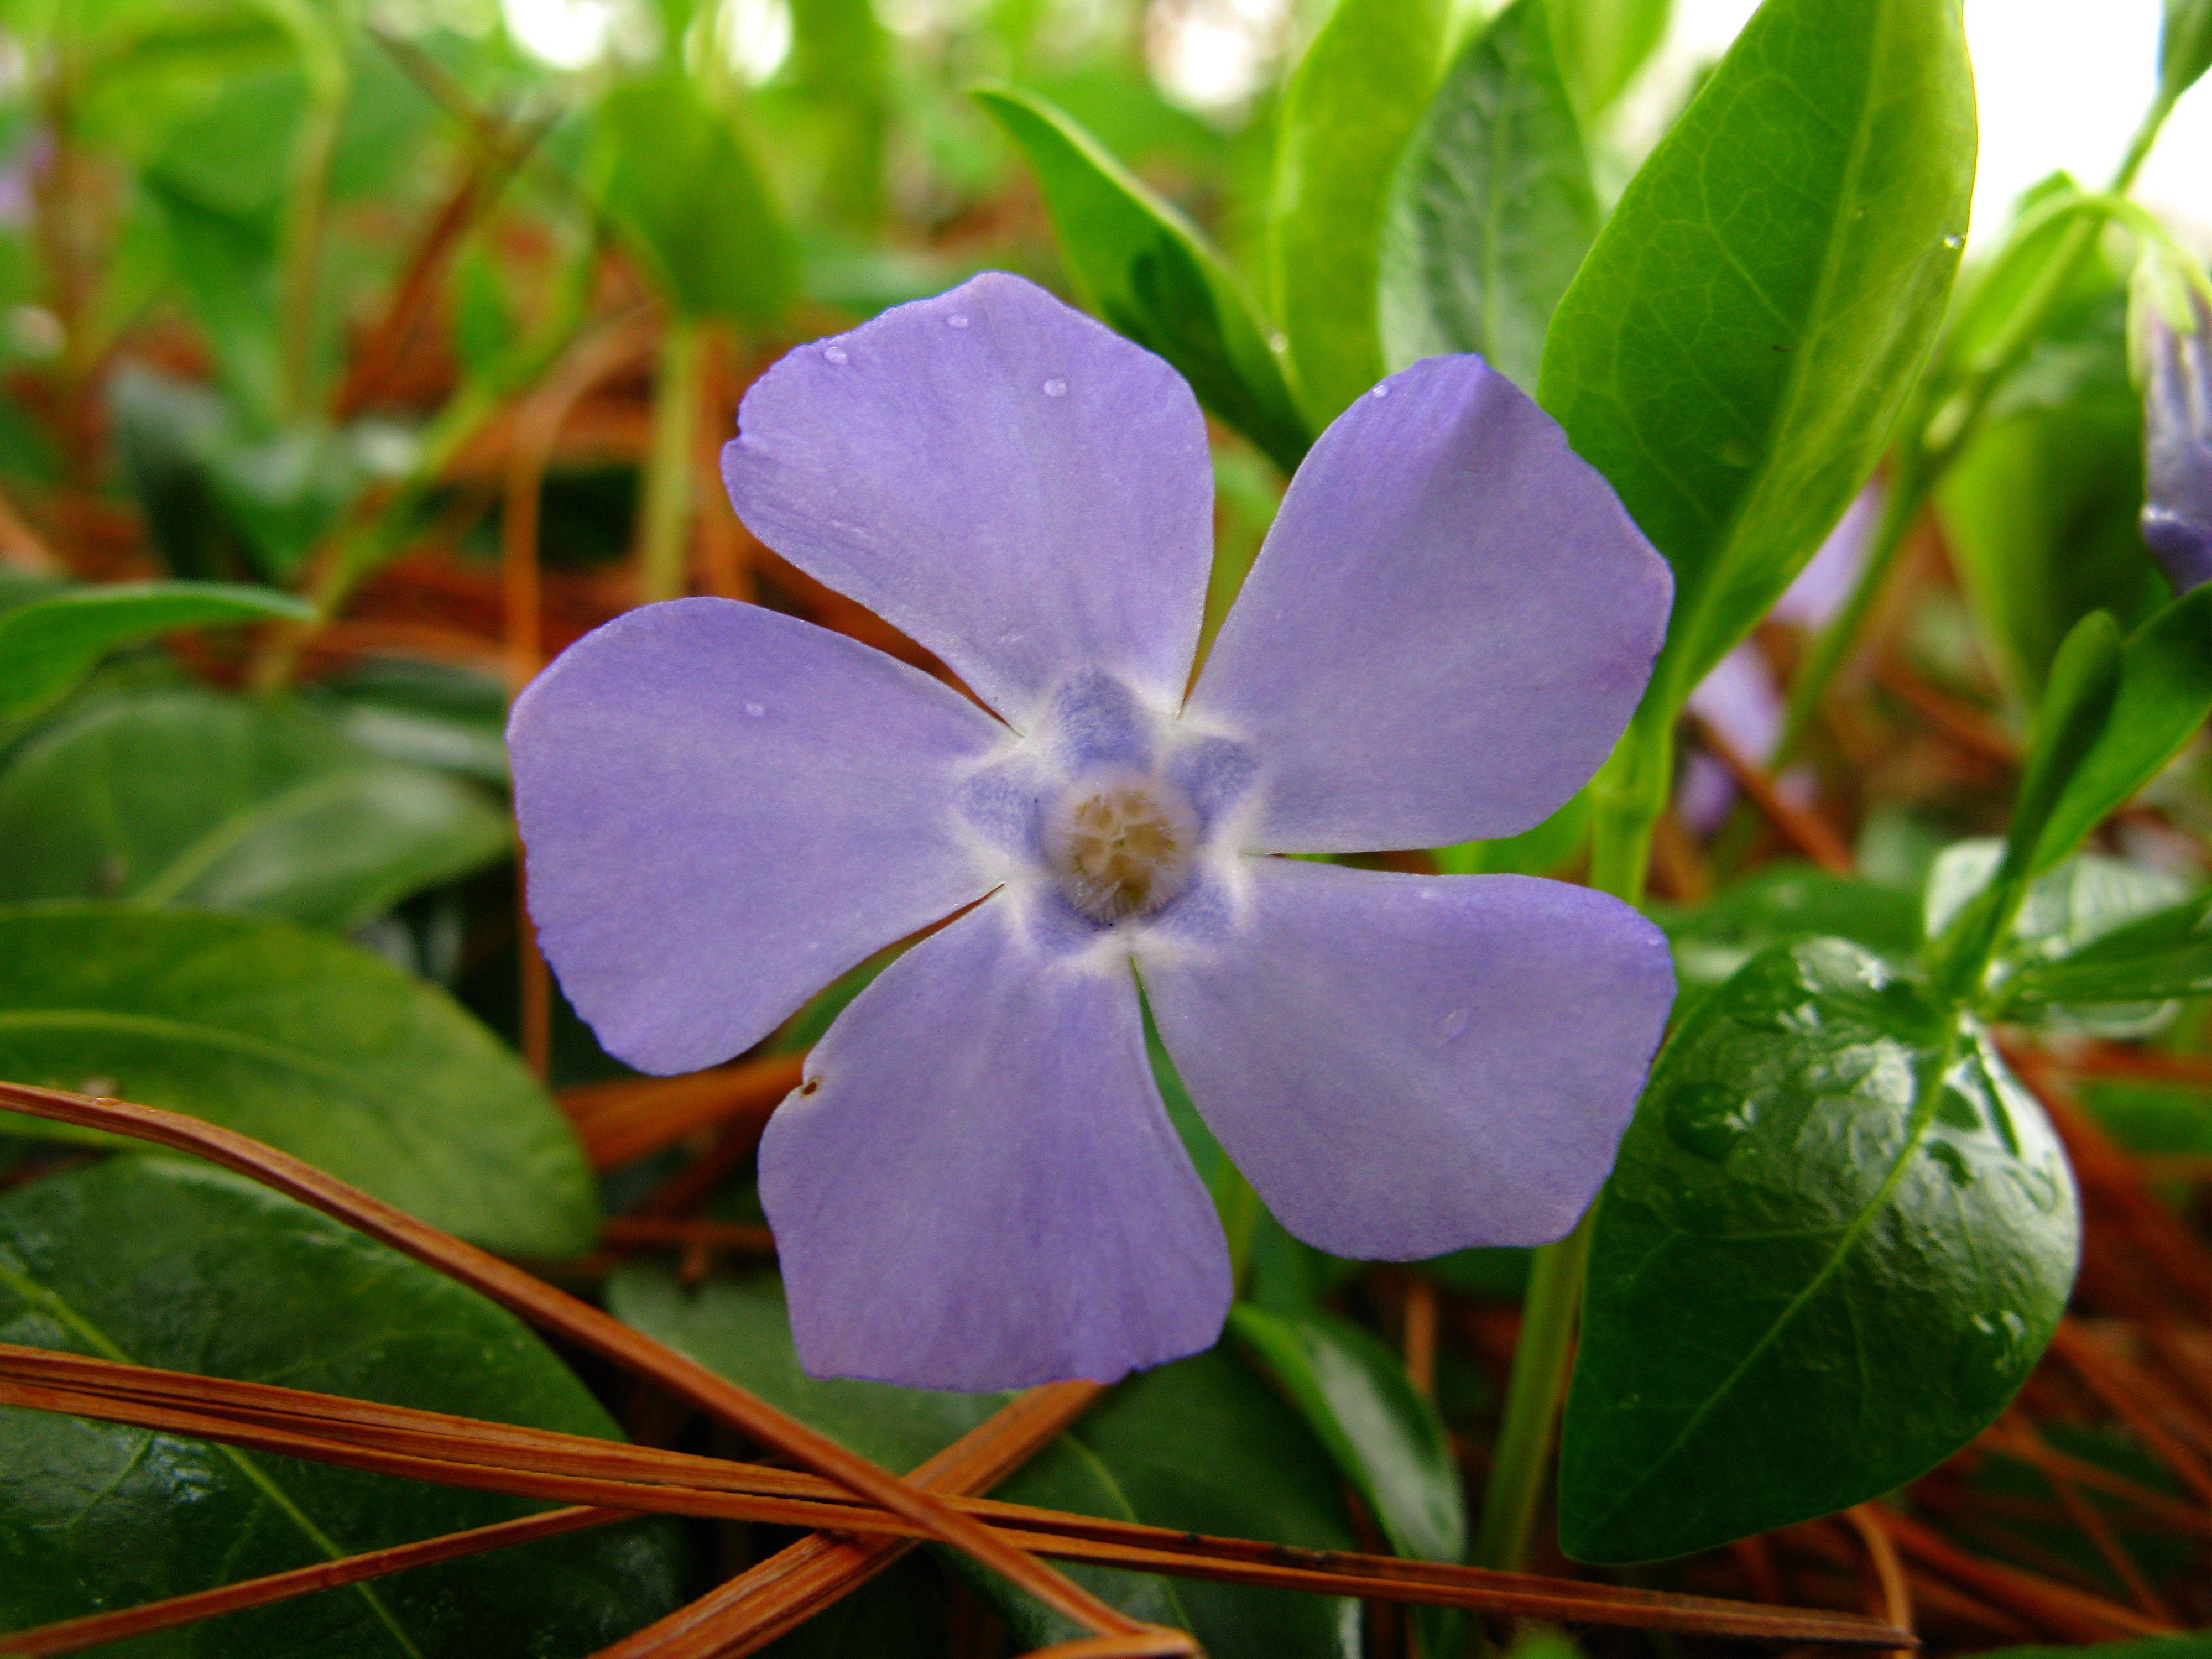 Periwinkle blue fileperiwinkle lavender blue macro spring flower periwinkle blue fileperiwinkle lavender blue macro spring flower west virginia mightylinksfo